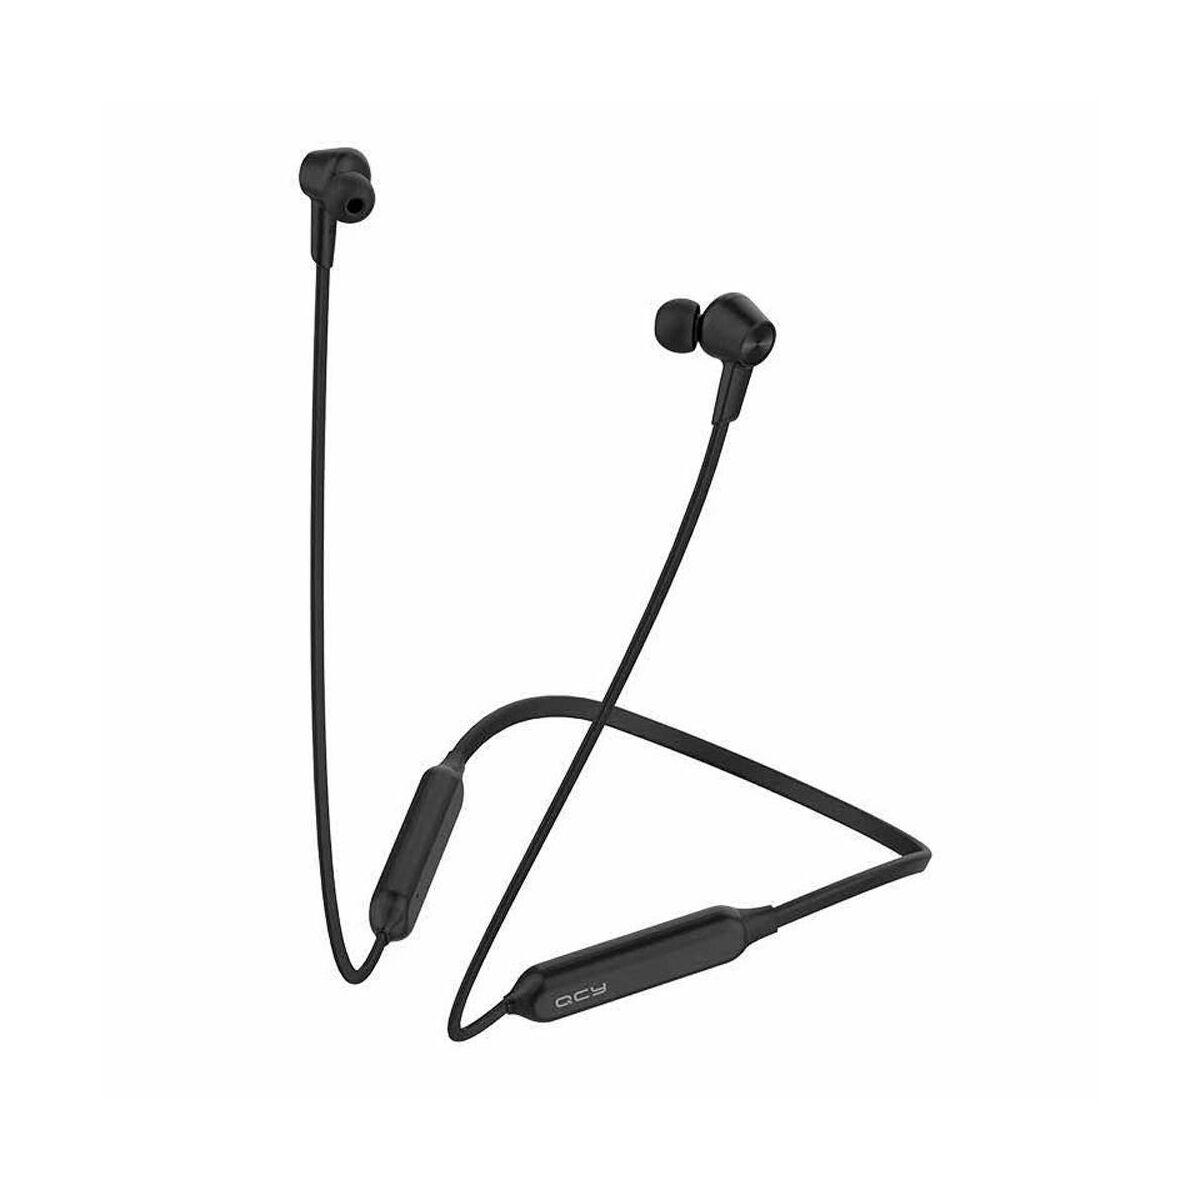 QCY-L2 (L2C) ANC Bluetooth Earphone, aktív zajszűrő, fülhallgató, fekete